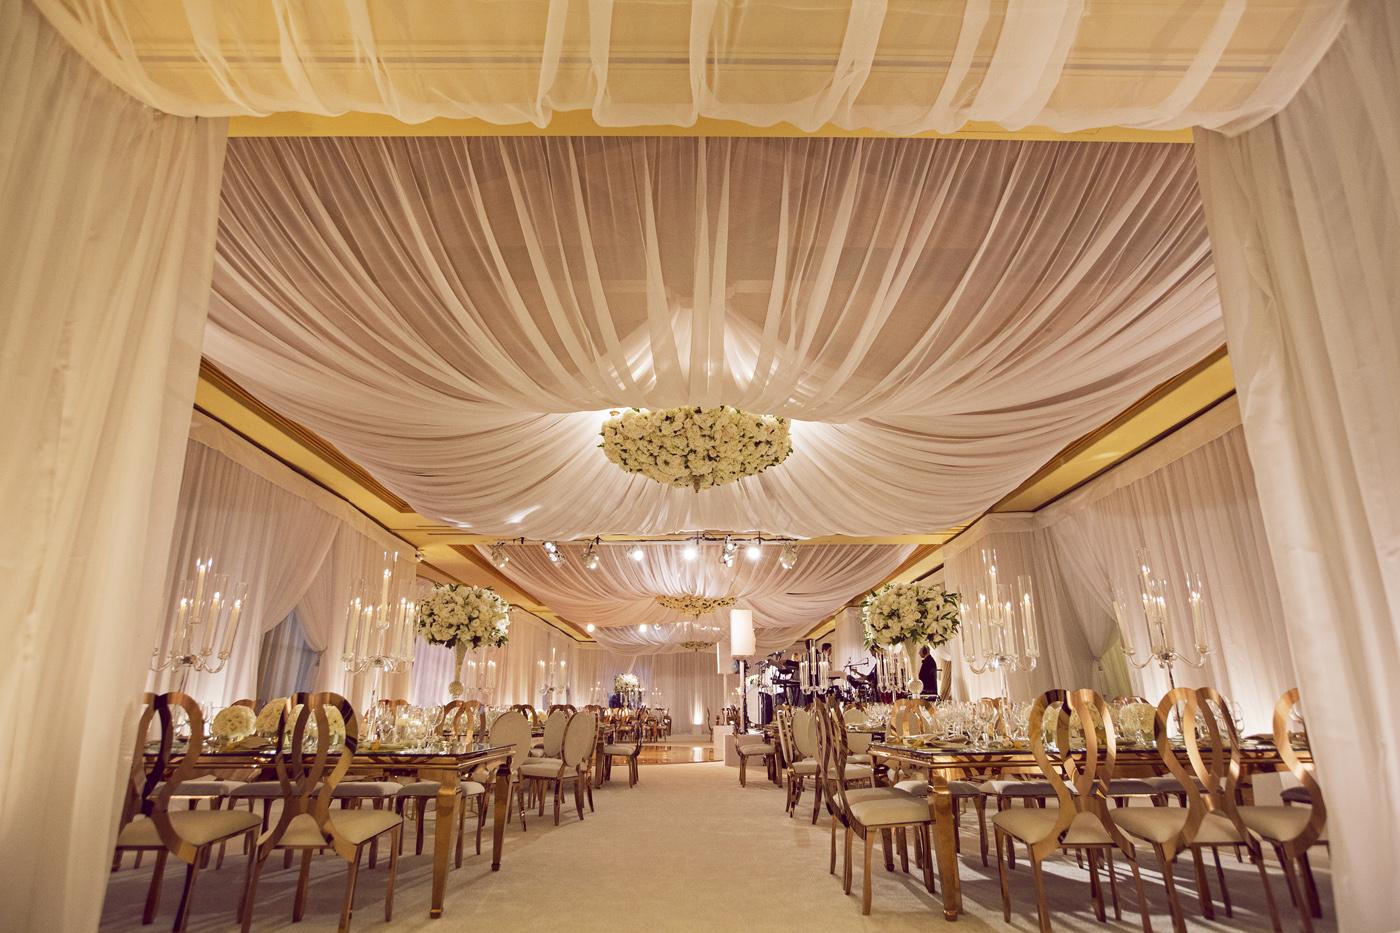 019_DukePhotography_DukeImages_Wedding_Details.jpg